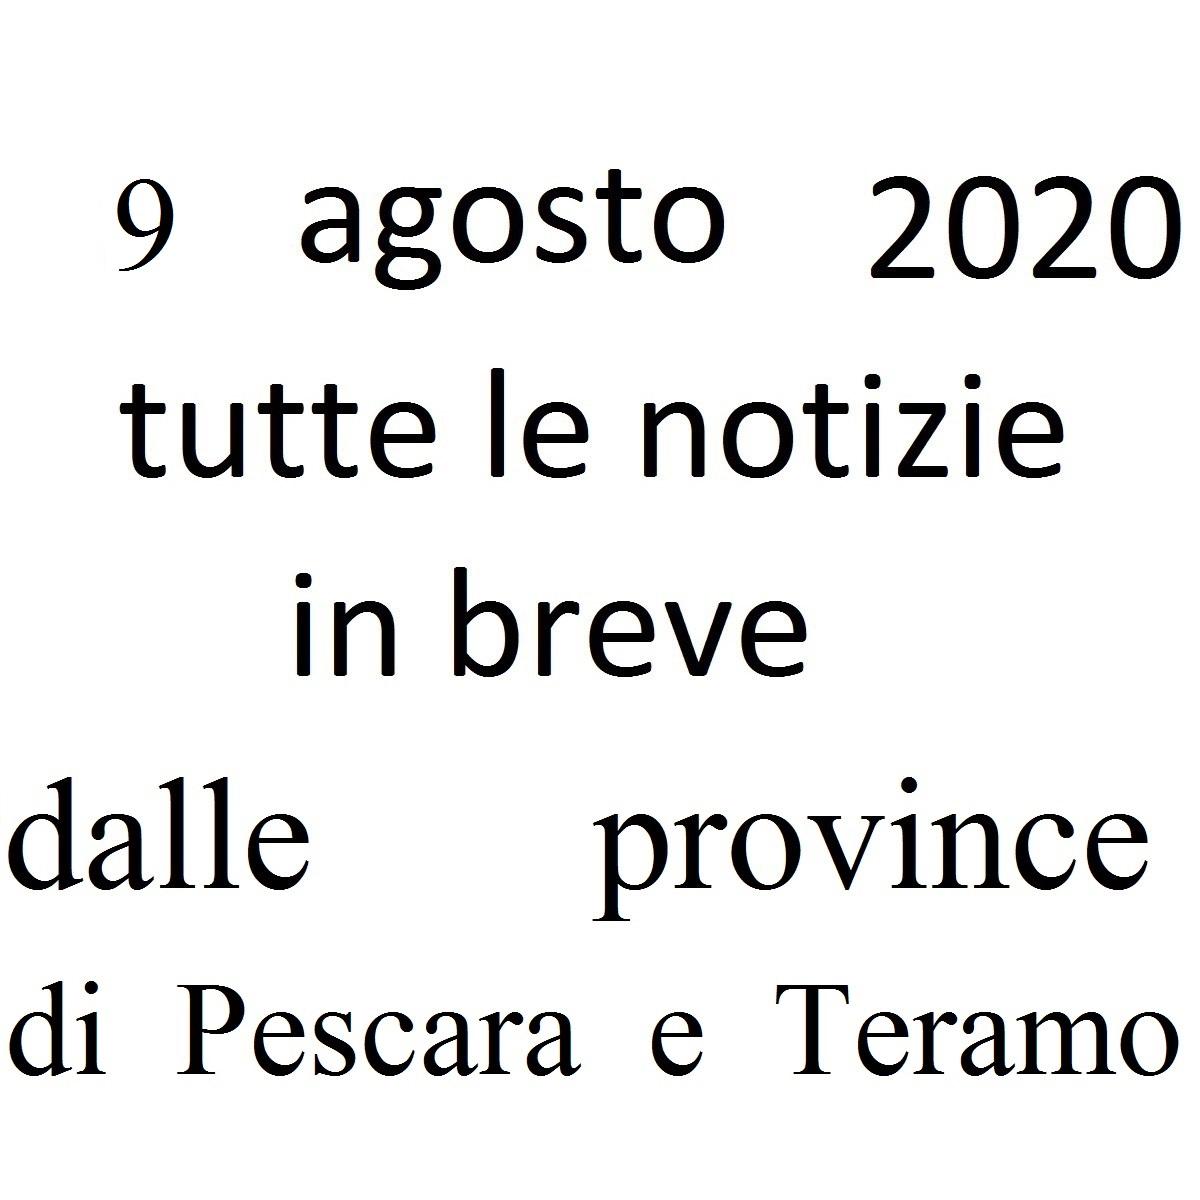 9 agosto 2020 notizie in breve dalle Province di Pescara e di Teramo foto